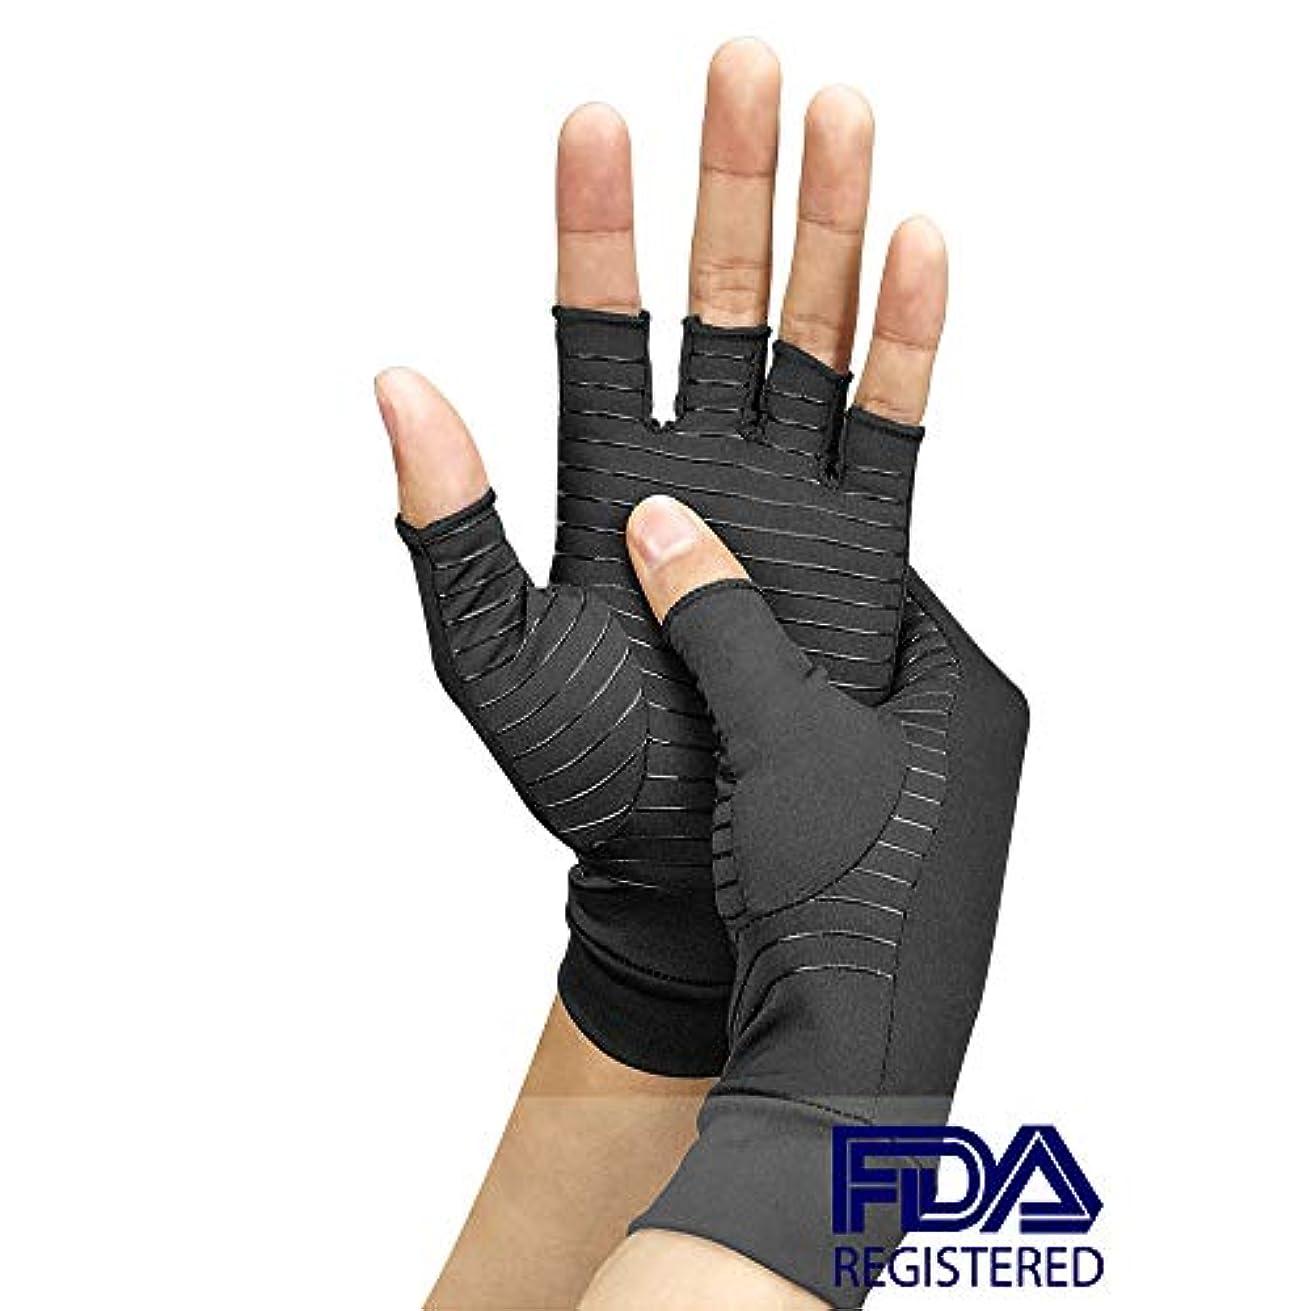 女優傷つける最大の関節炎圧縮手袋は、リウマチ、RSI、手根管のコンピューター入力と日常作業、手と関節のサポートから痛みを和らげます